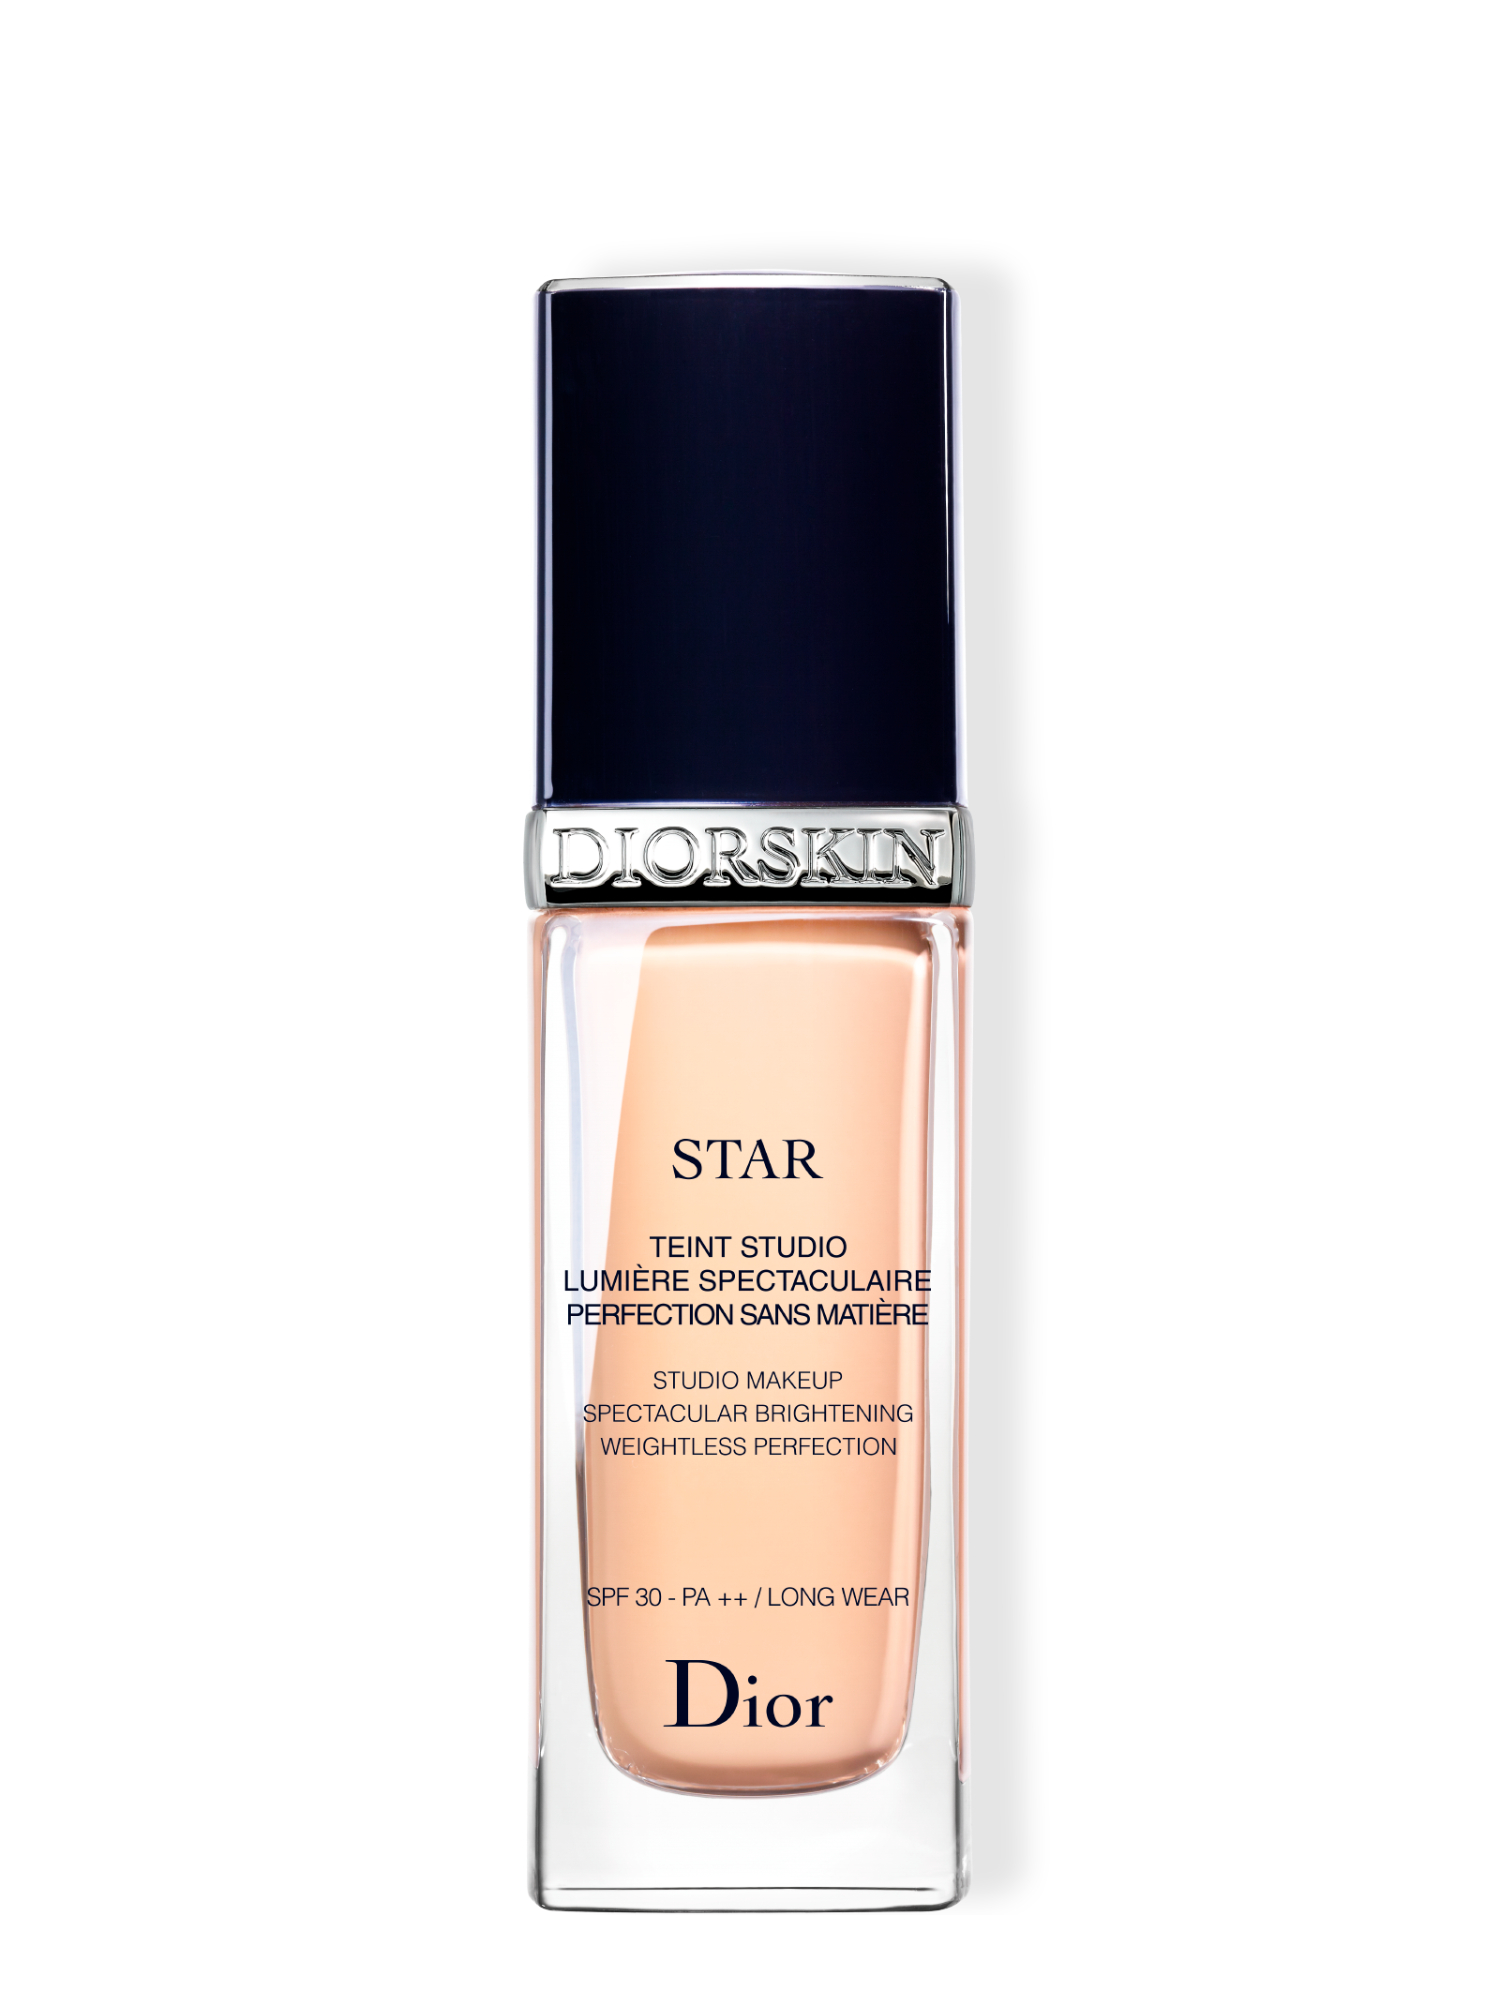 Diorskin Star Foundation